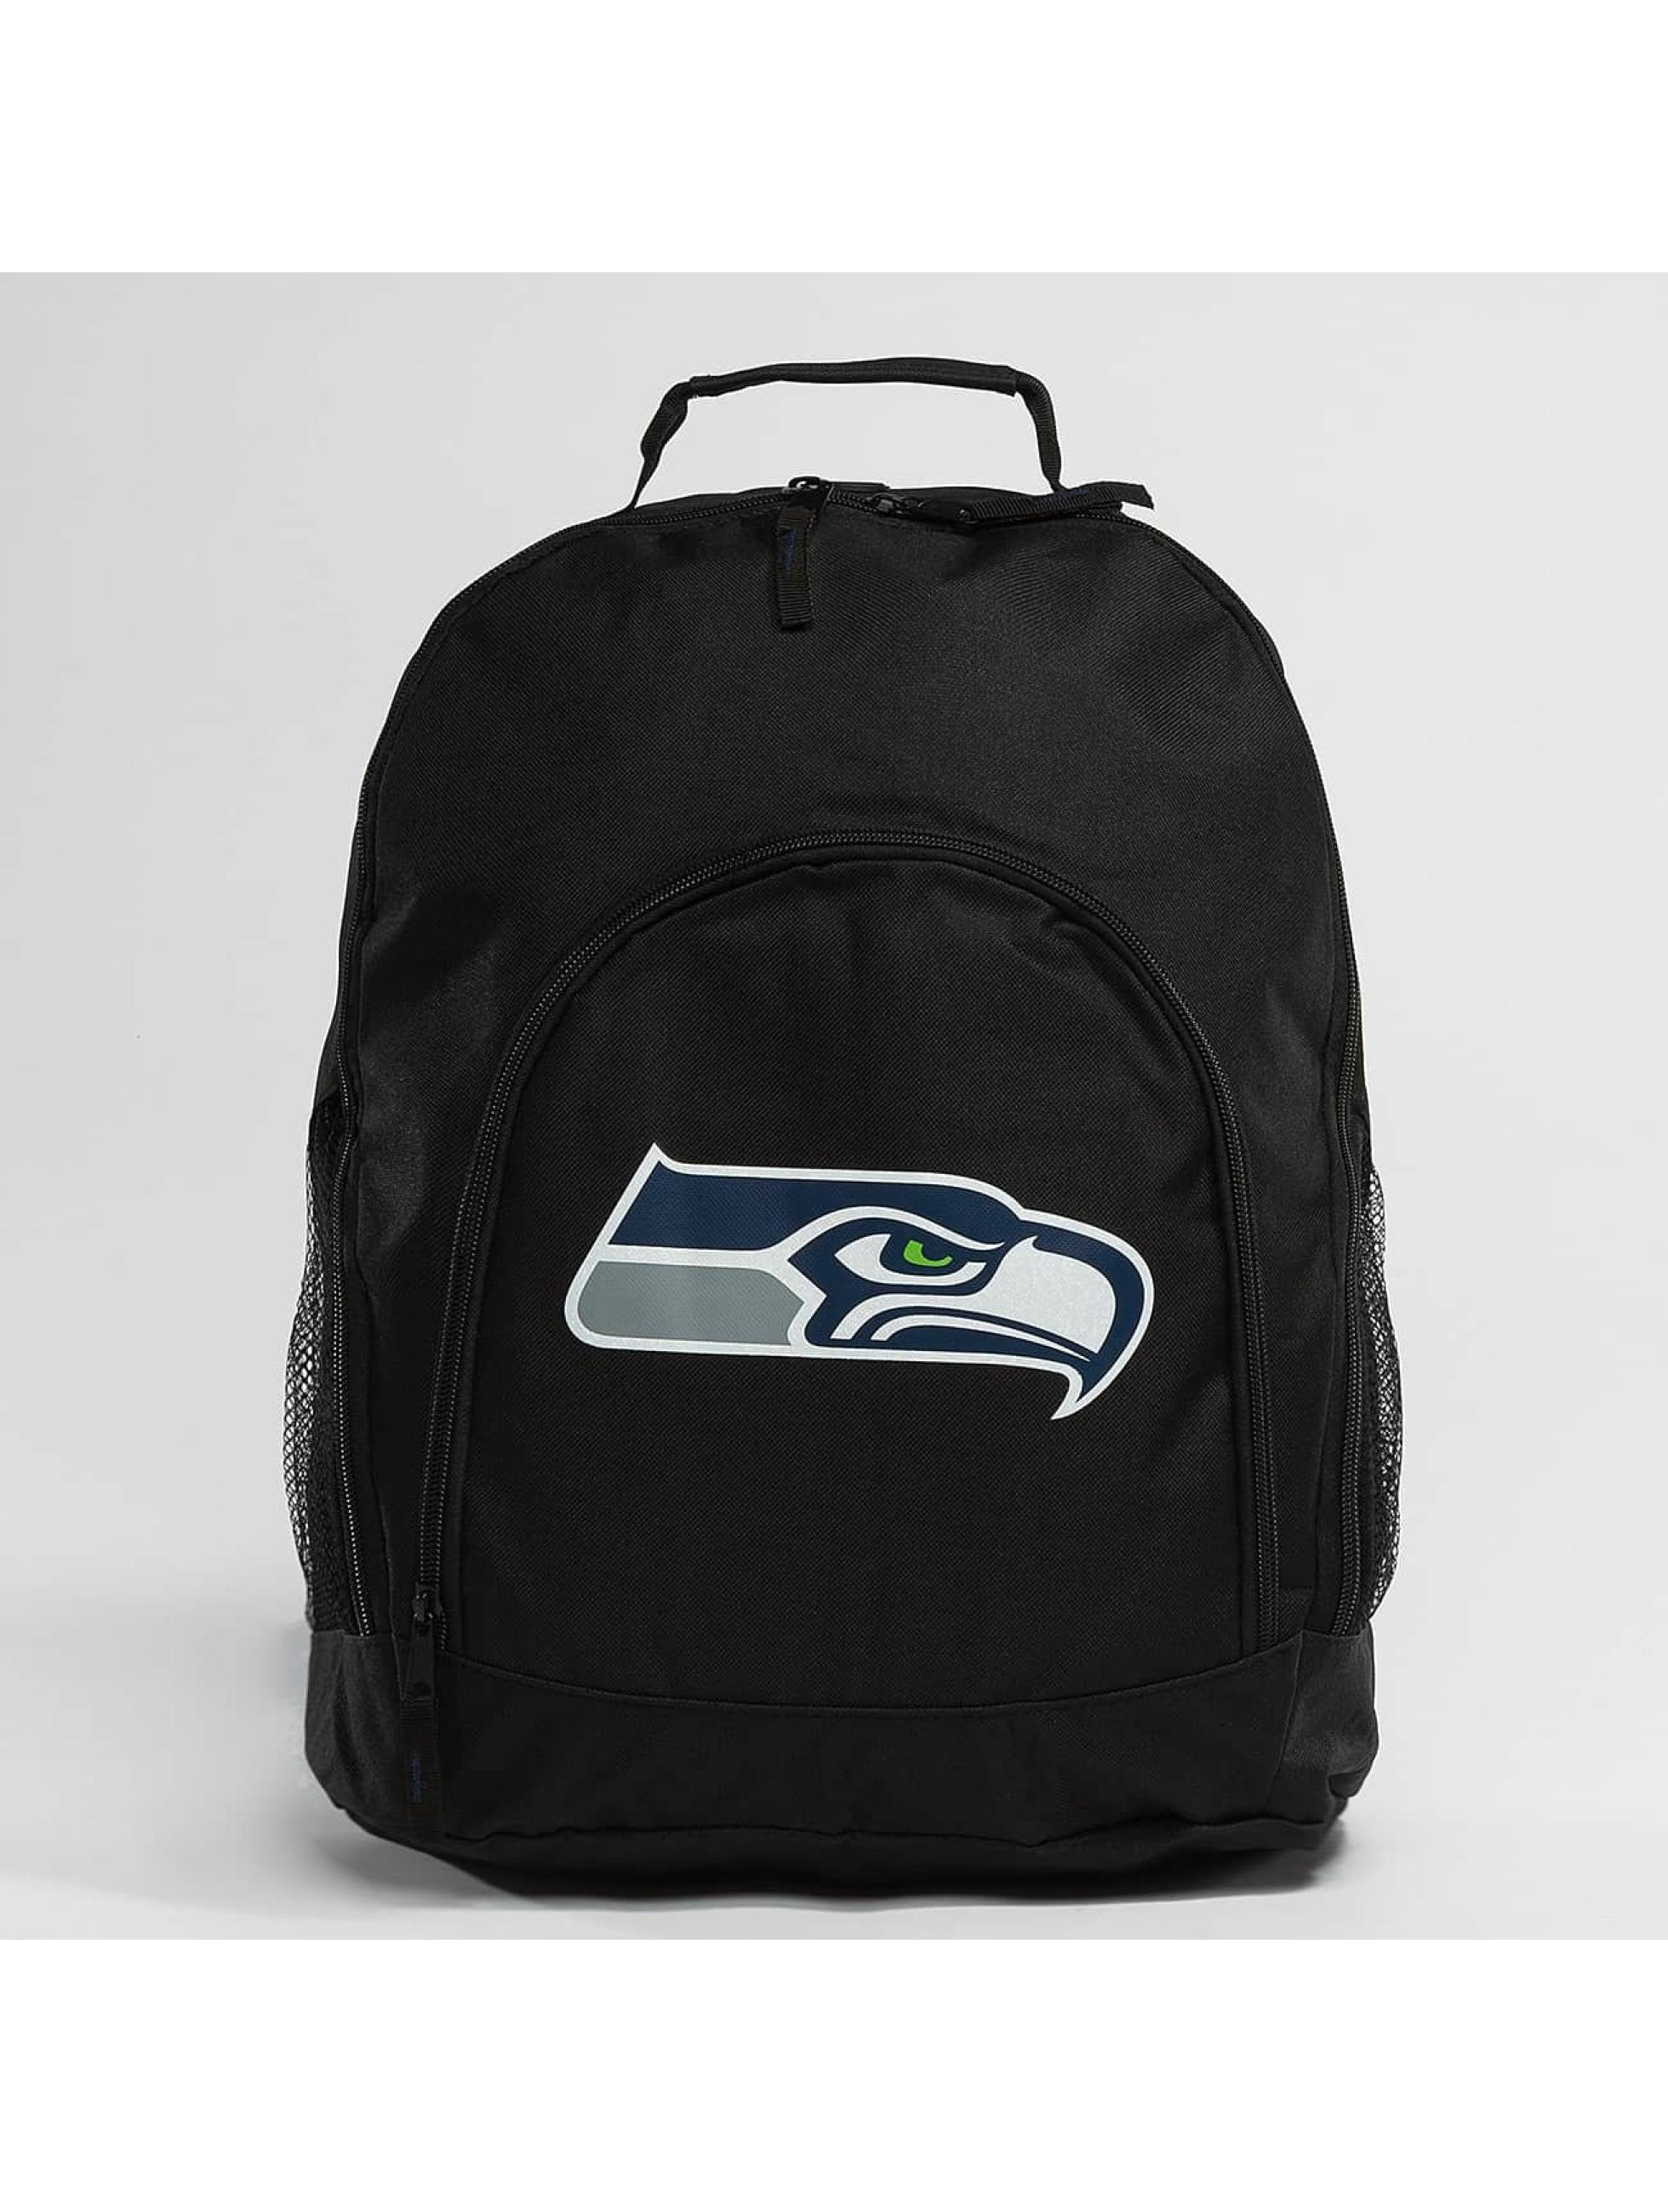 Forever Collectibles Männer,Frauen Rucksack NFL Seattle Seahawks in schwarz